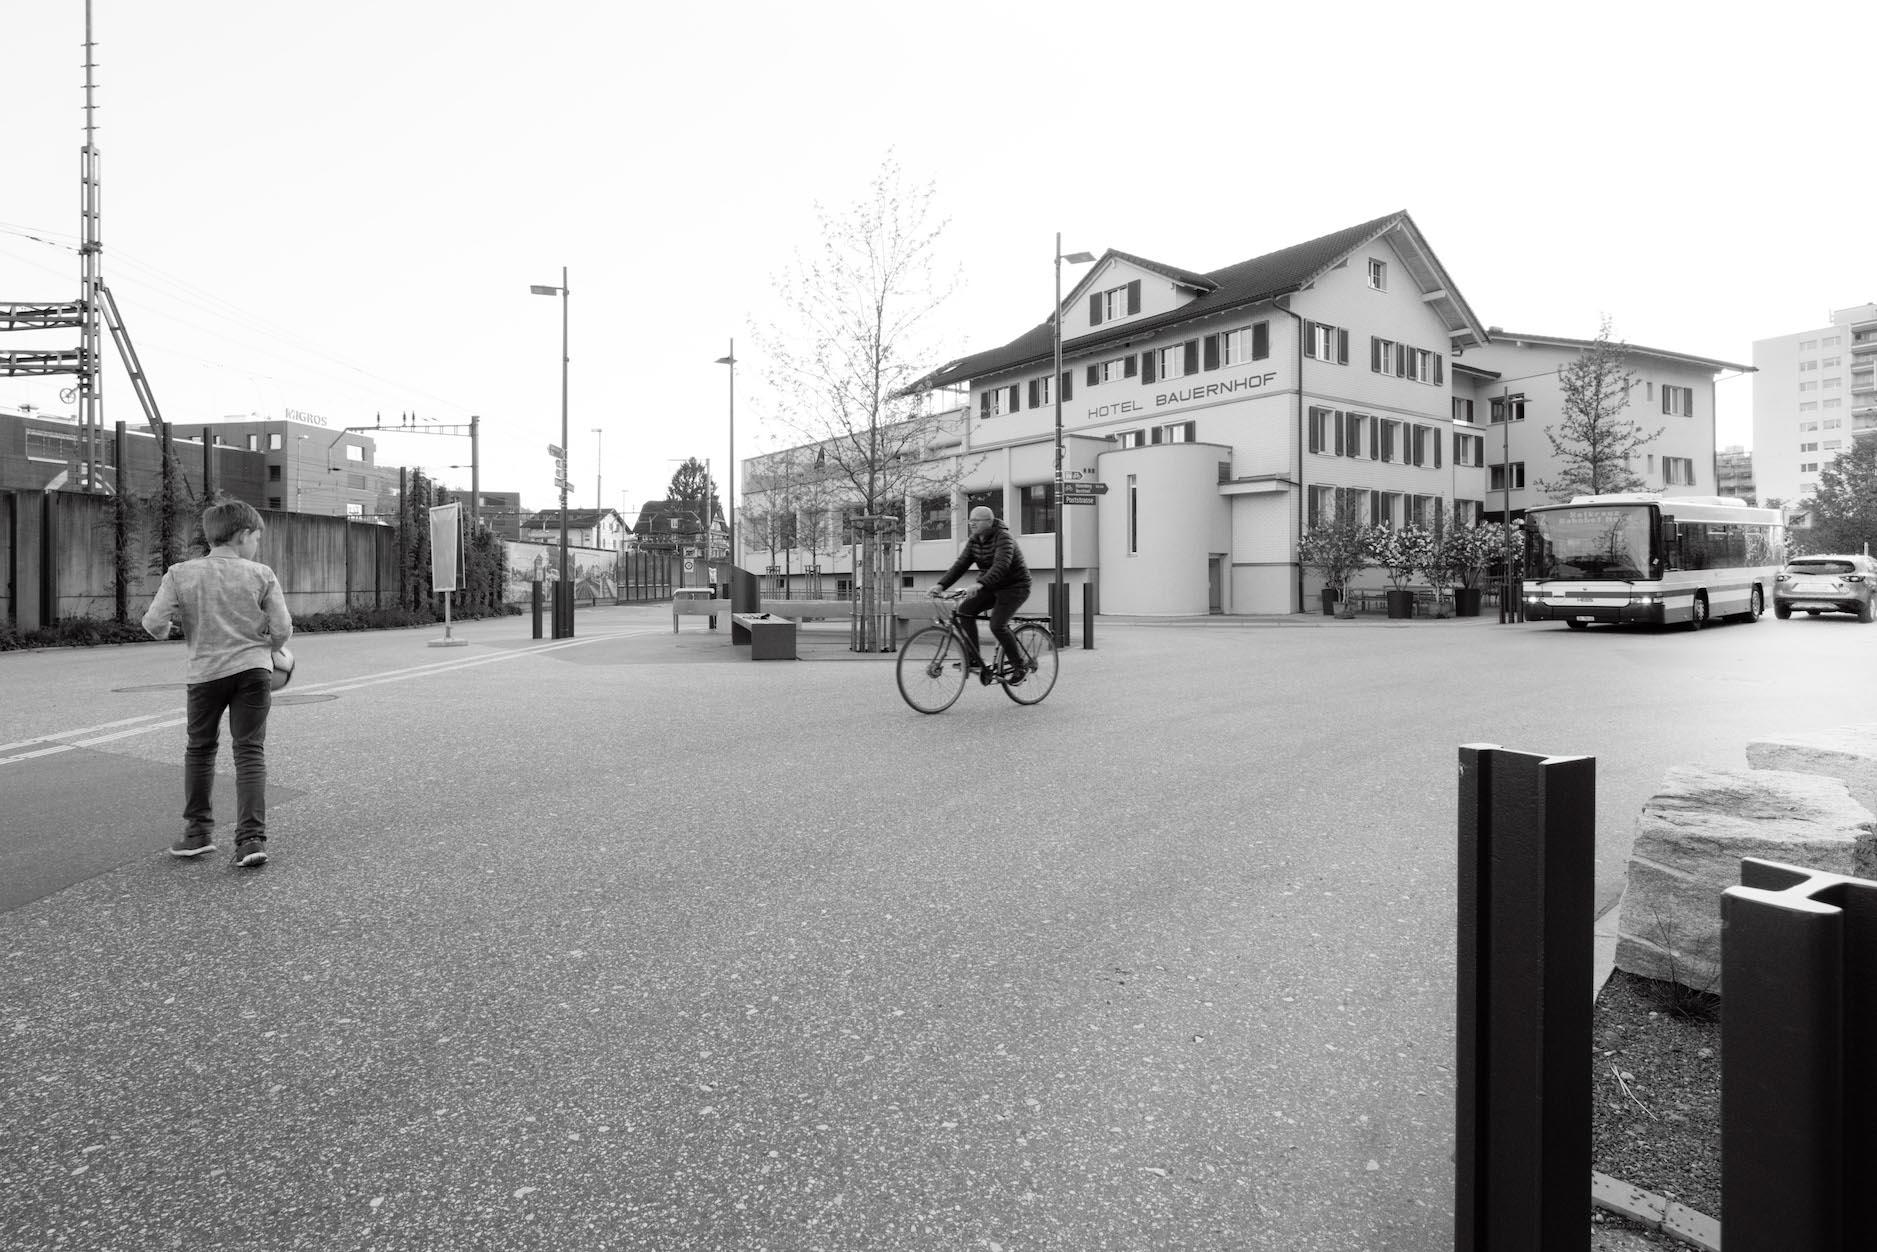 kreuzplatz1_klein.jpg